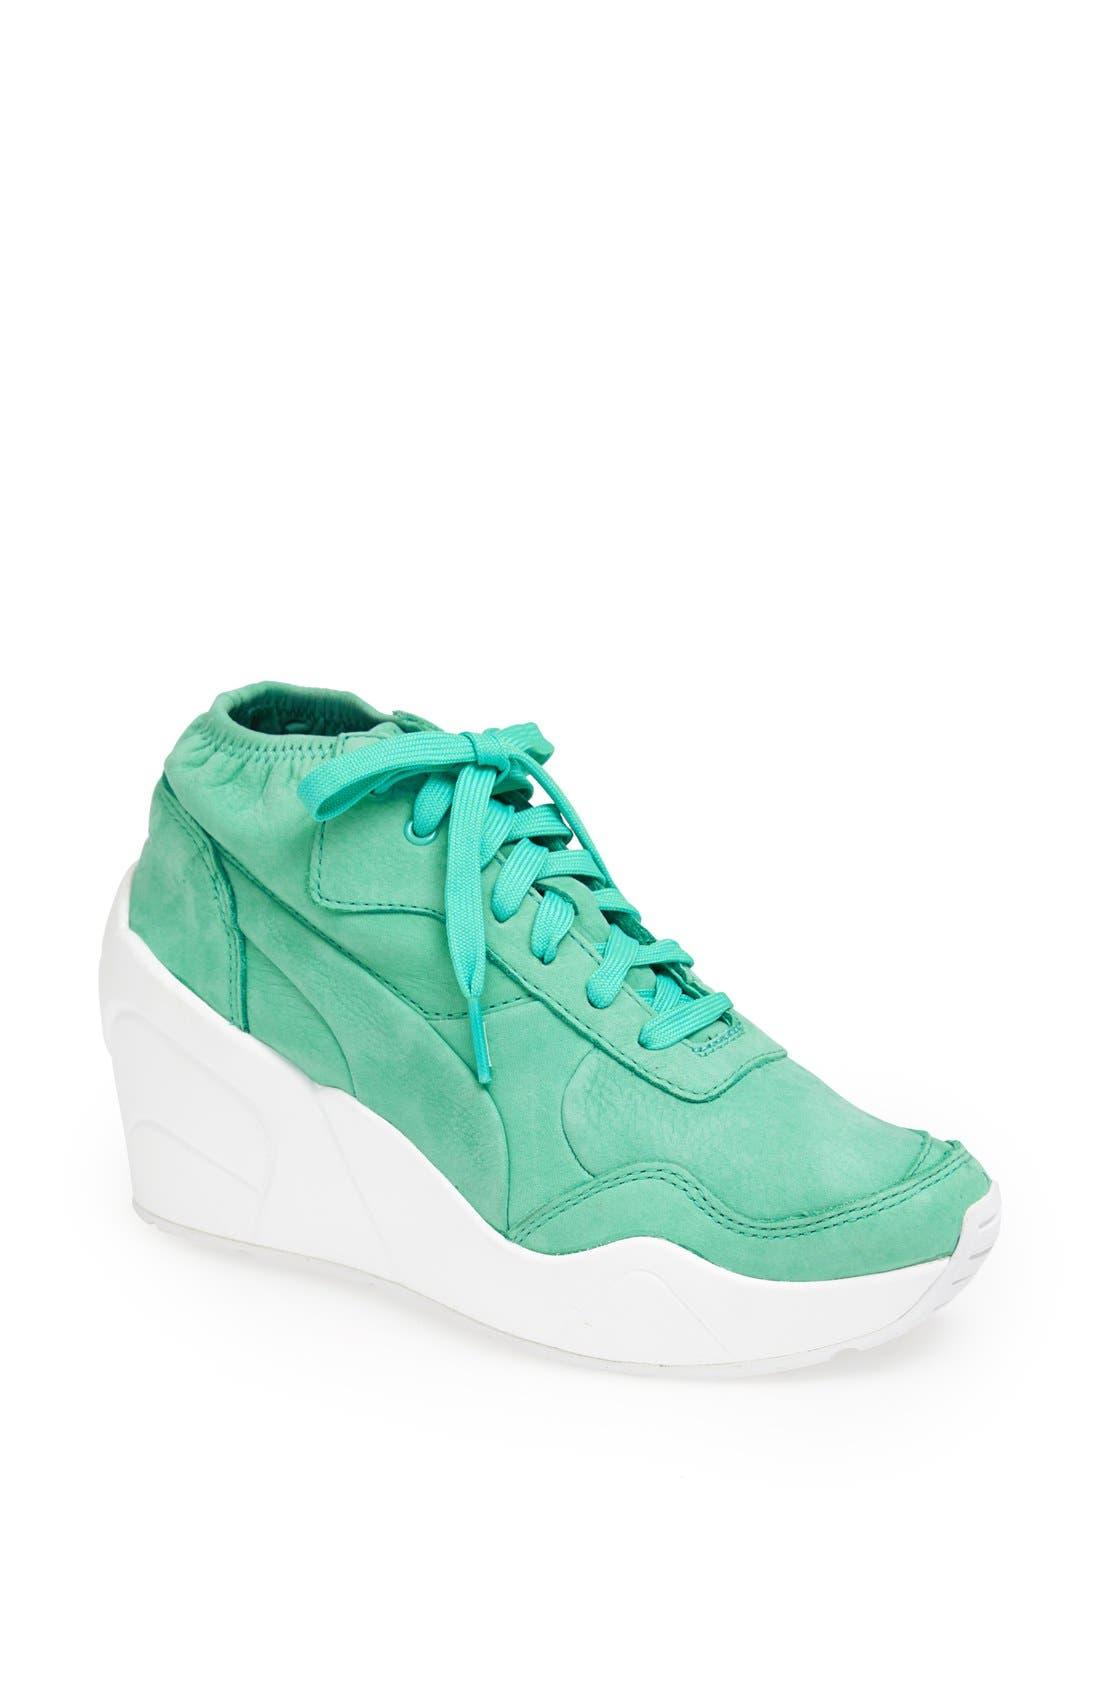 Main Image - PUMA 'Trinomic' Wedge Sneaker (Women)